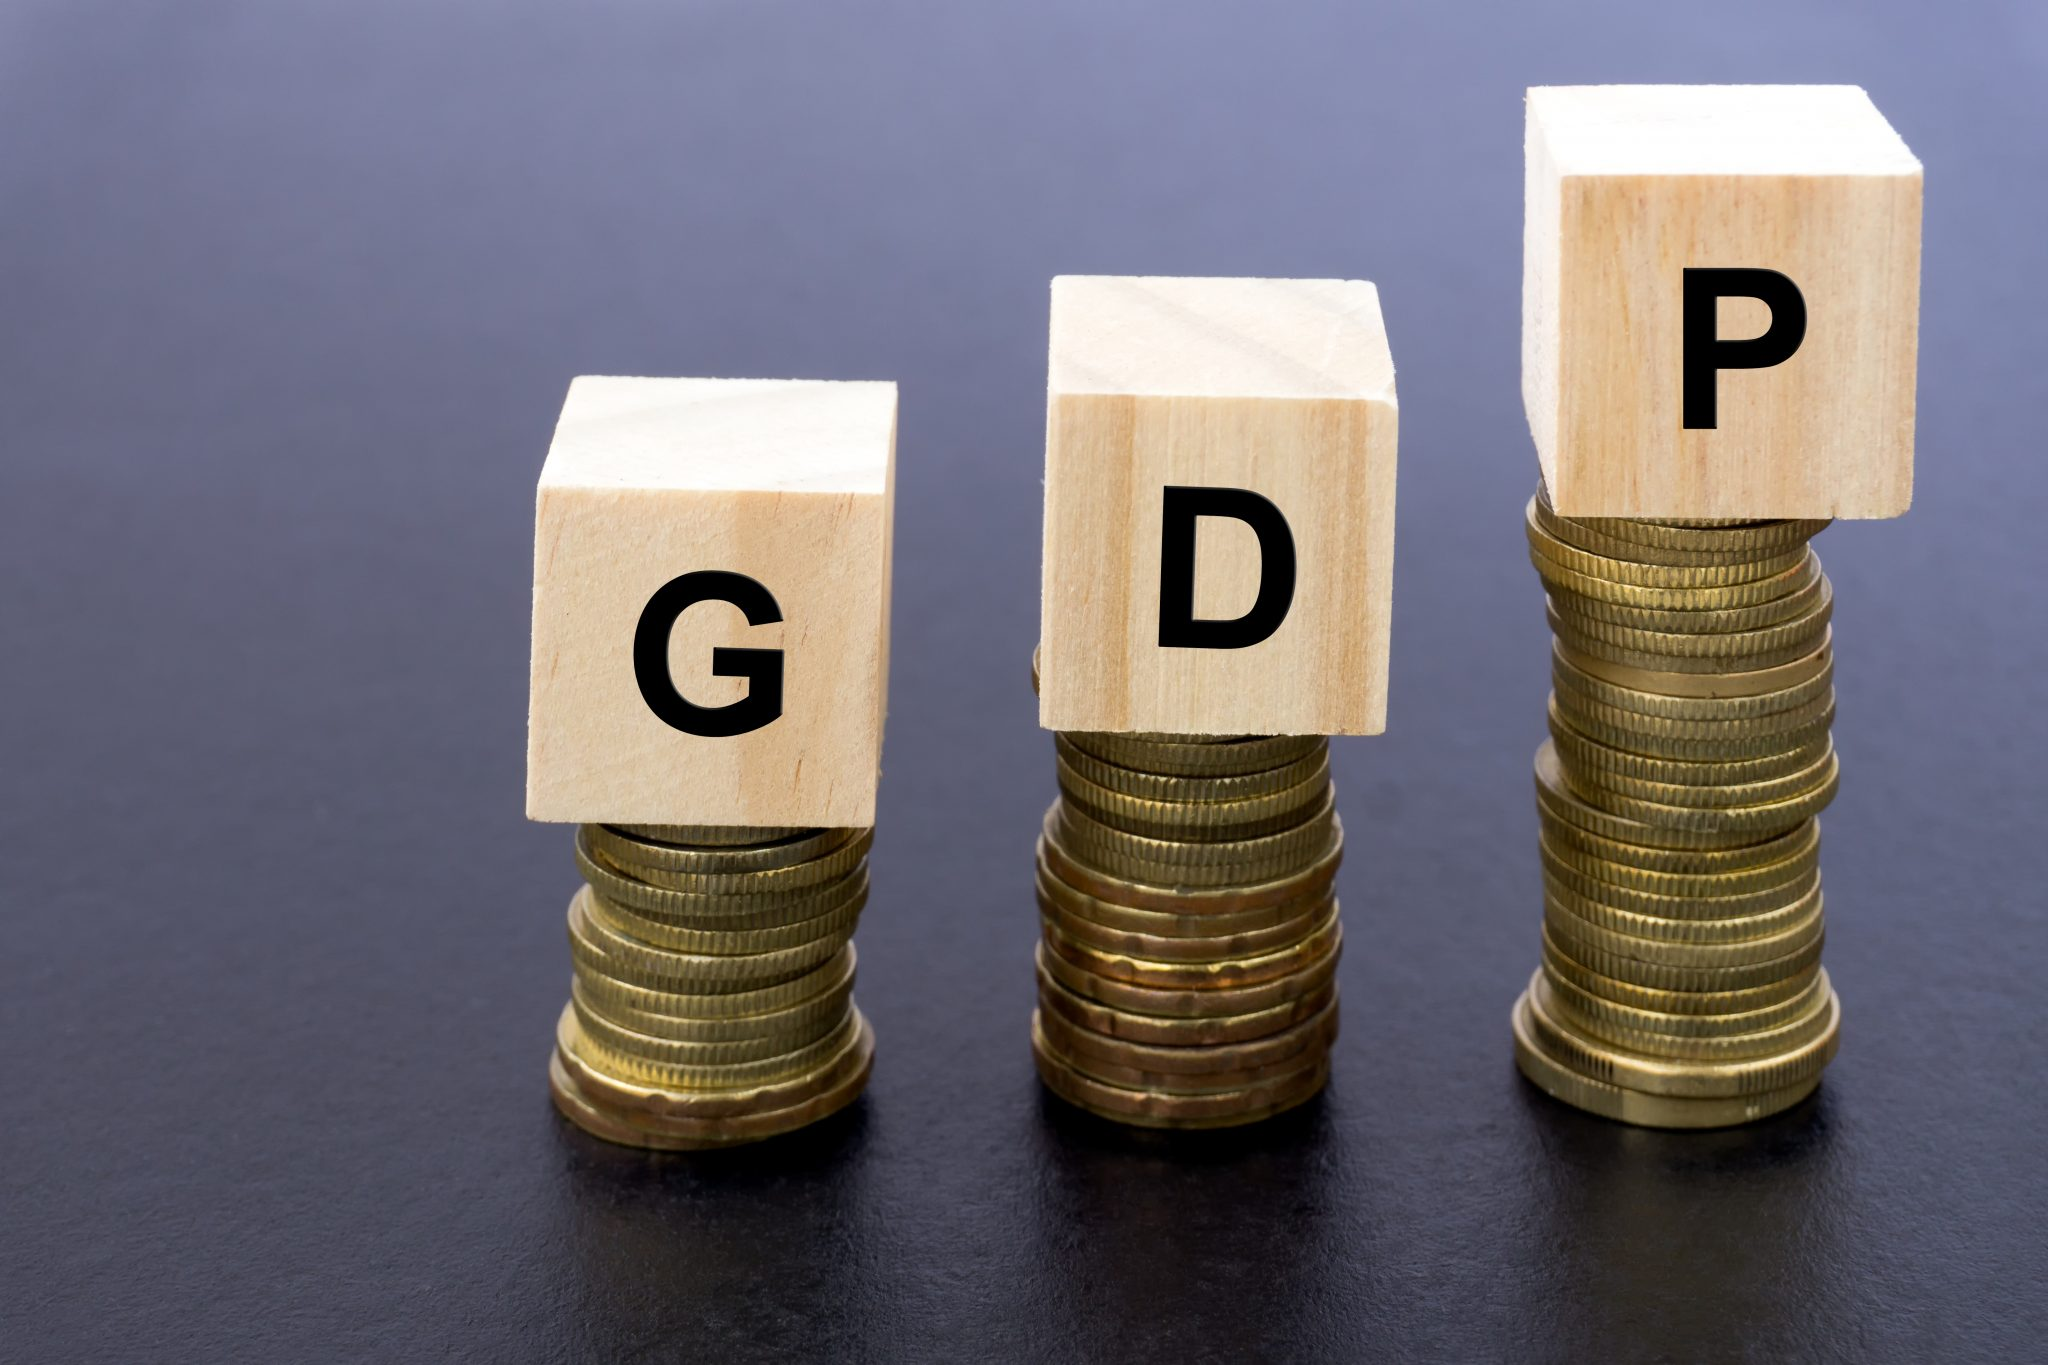 Creşterea PIB 2017, majorată ușor la 7,1% în varianta definitivă. Per total, în decurs de zece ani, nivelul de trai s-a majorat cu jumătate de procent